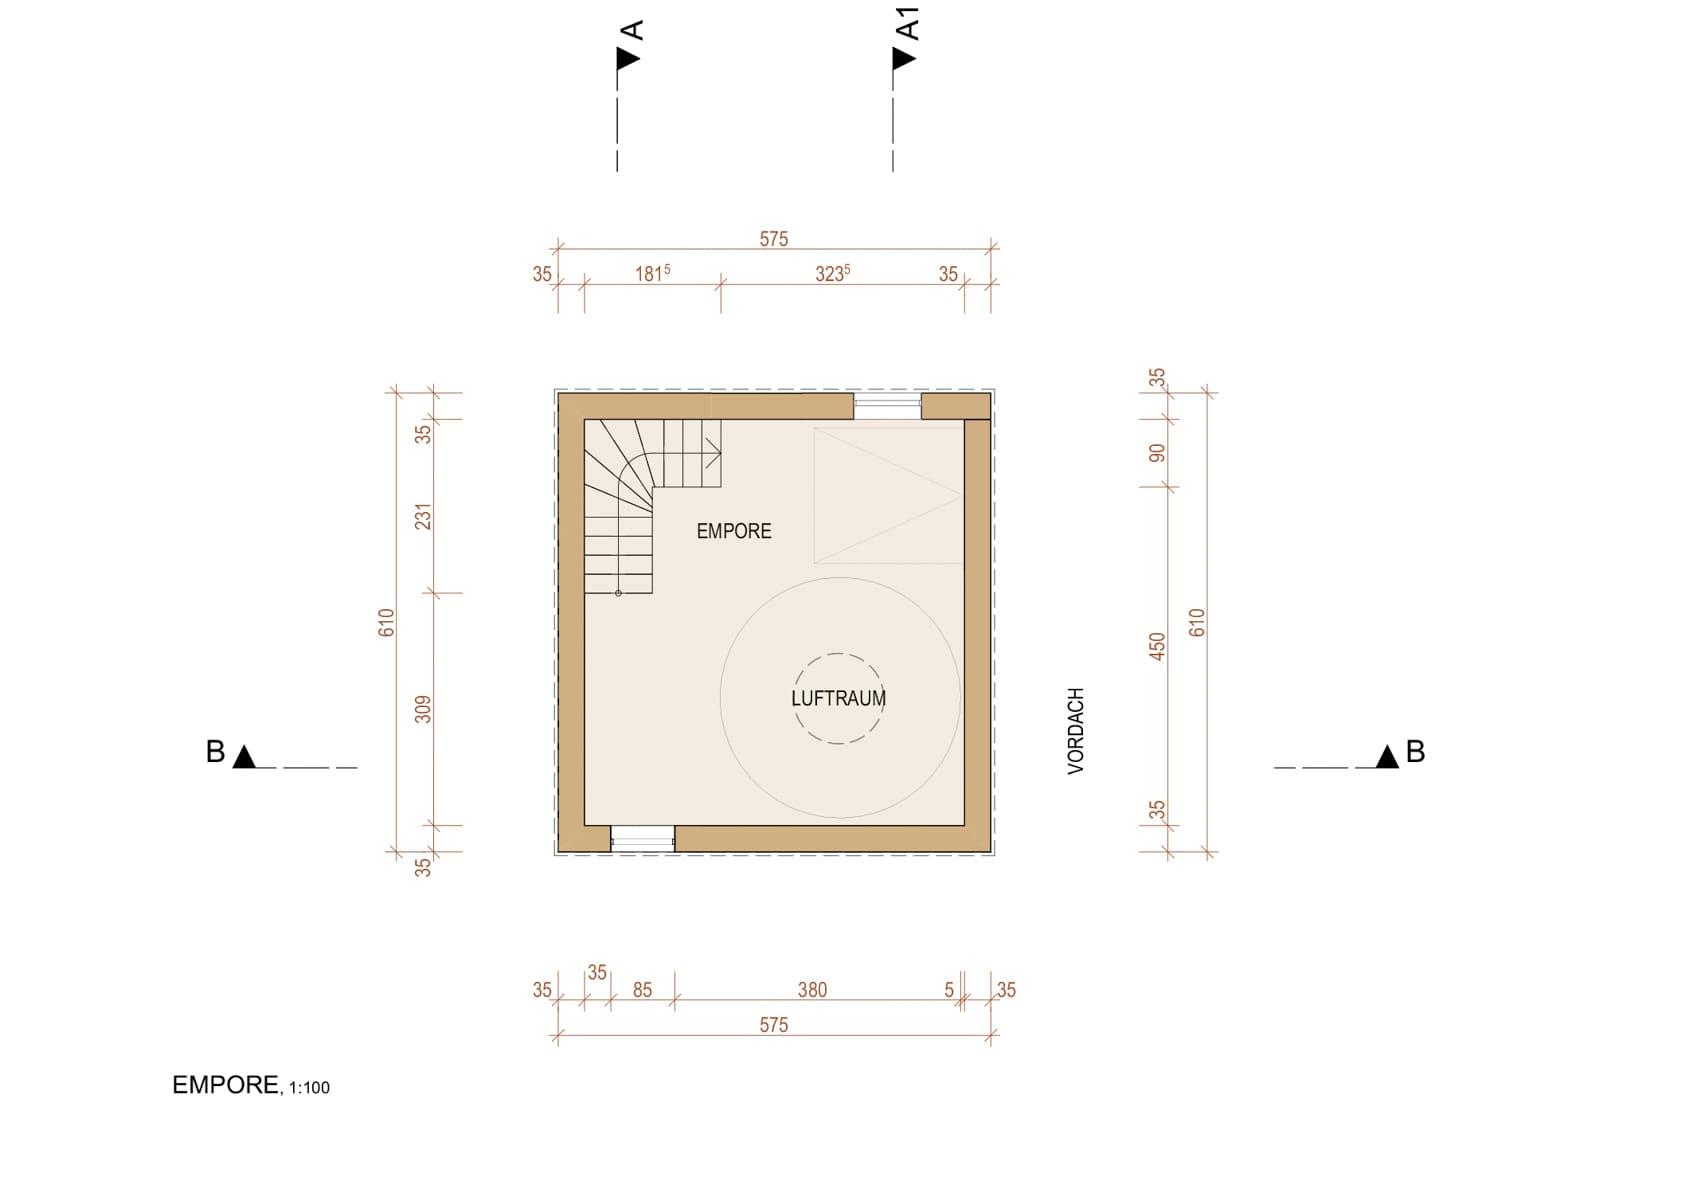 grundriss, tiny house, schrebergarten, entwurf, architektenhaus, landleben, buddha, japan, teezeremonie, teehaus